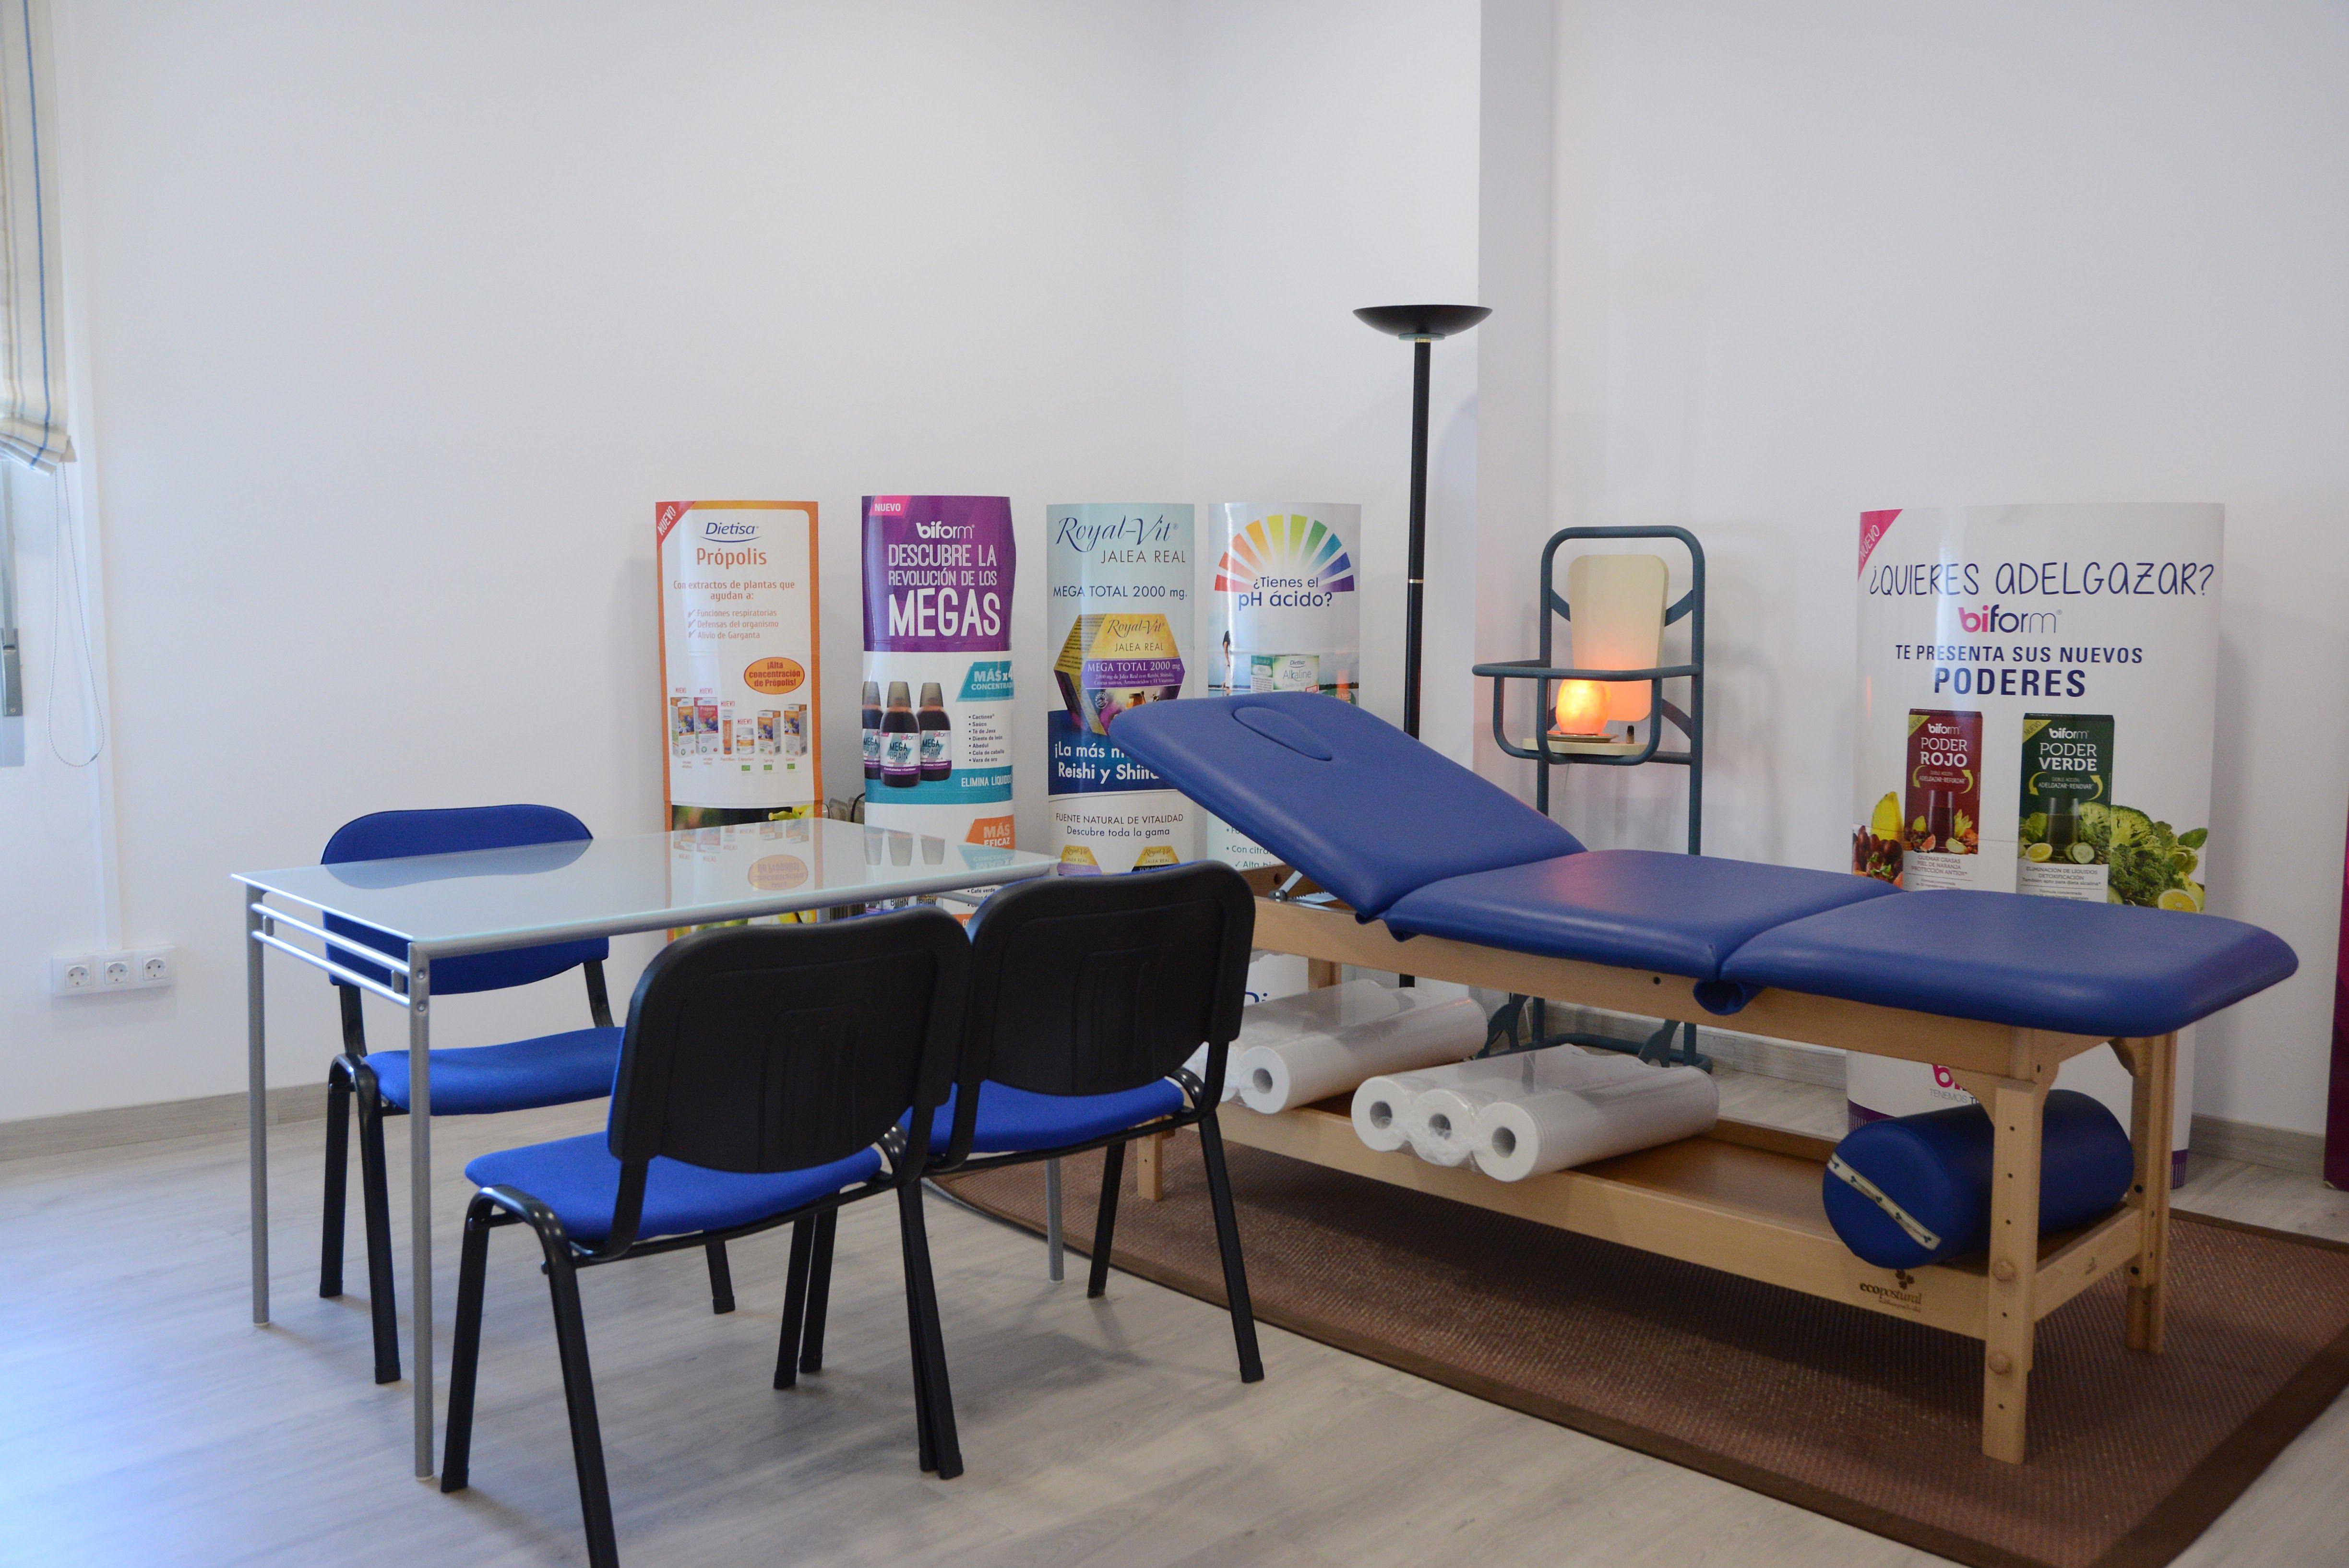 Foto 5 de Centro óptico con servicios de parafarmacia en Betanzos | Óptica Selgas